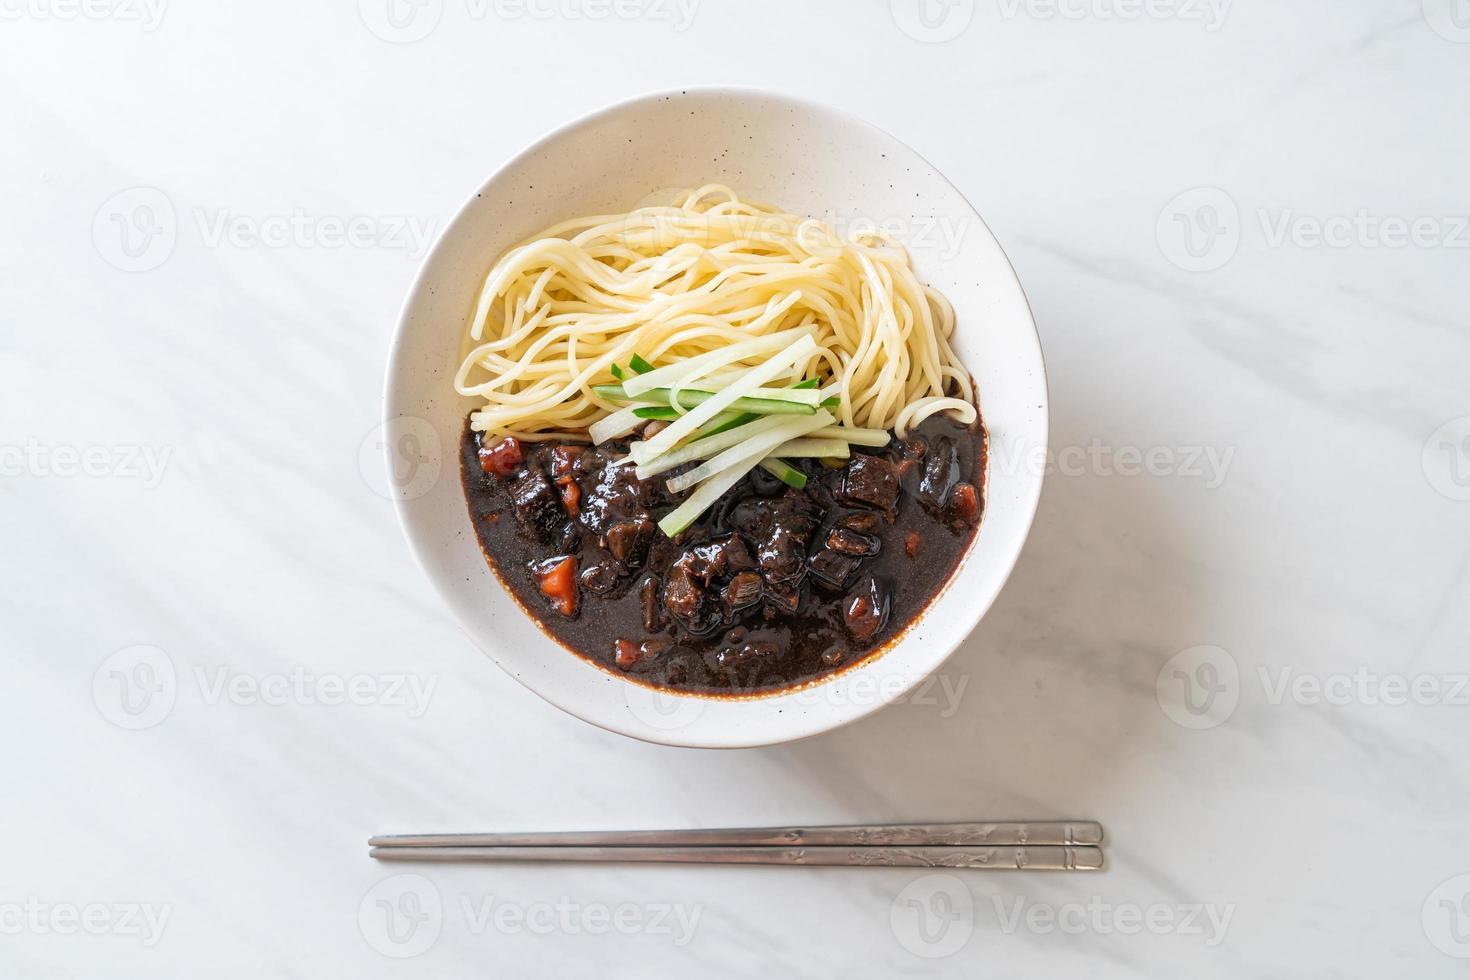 jajangmyeon eller jjajangmyeon är koreansk nudel med svart sås foto